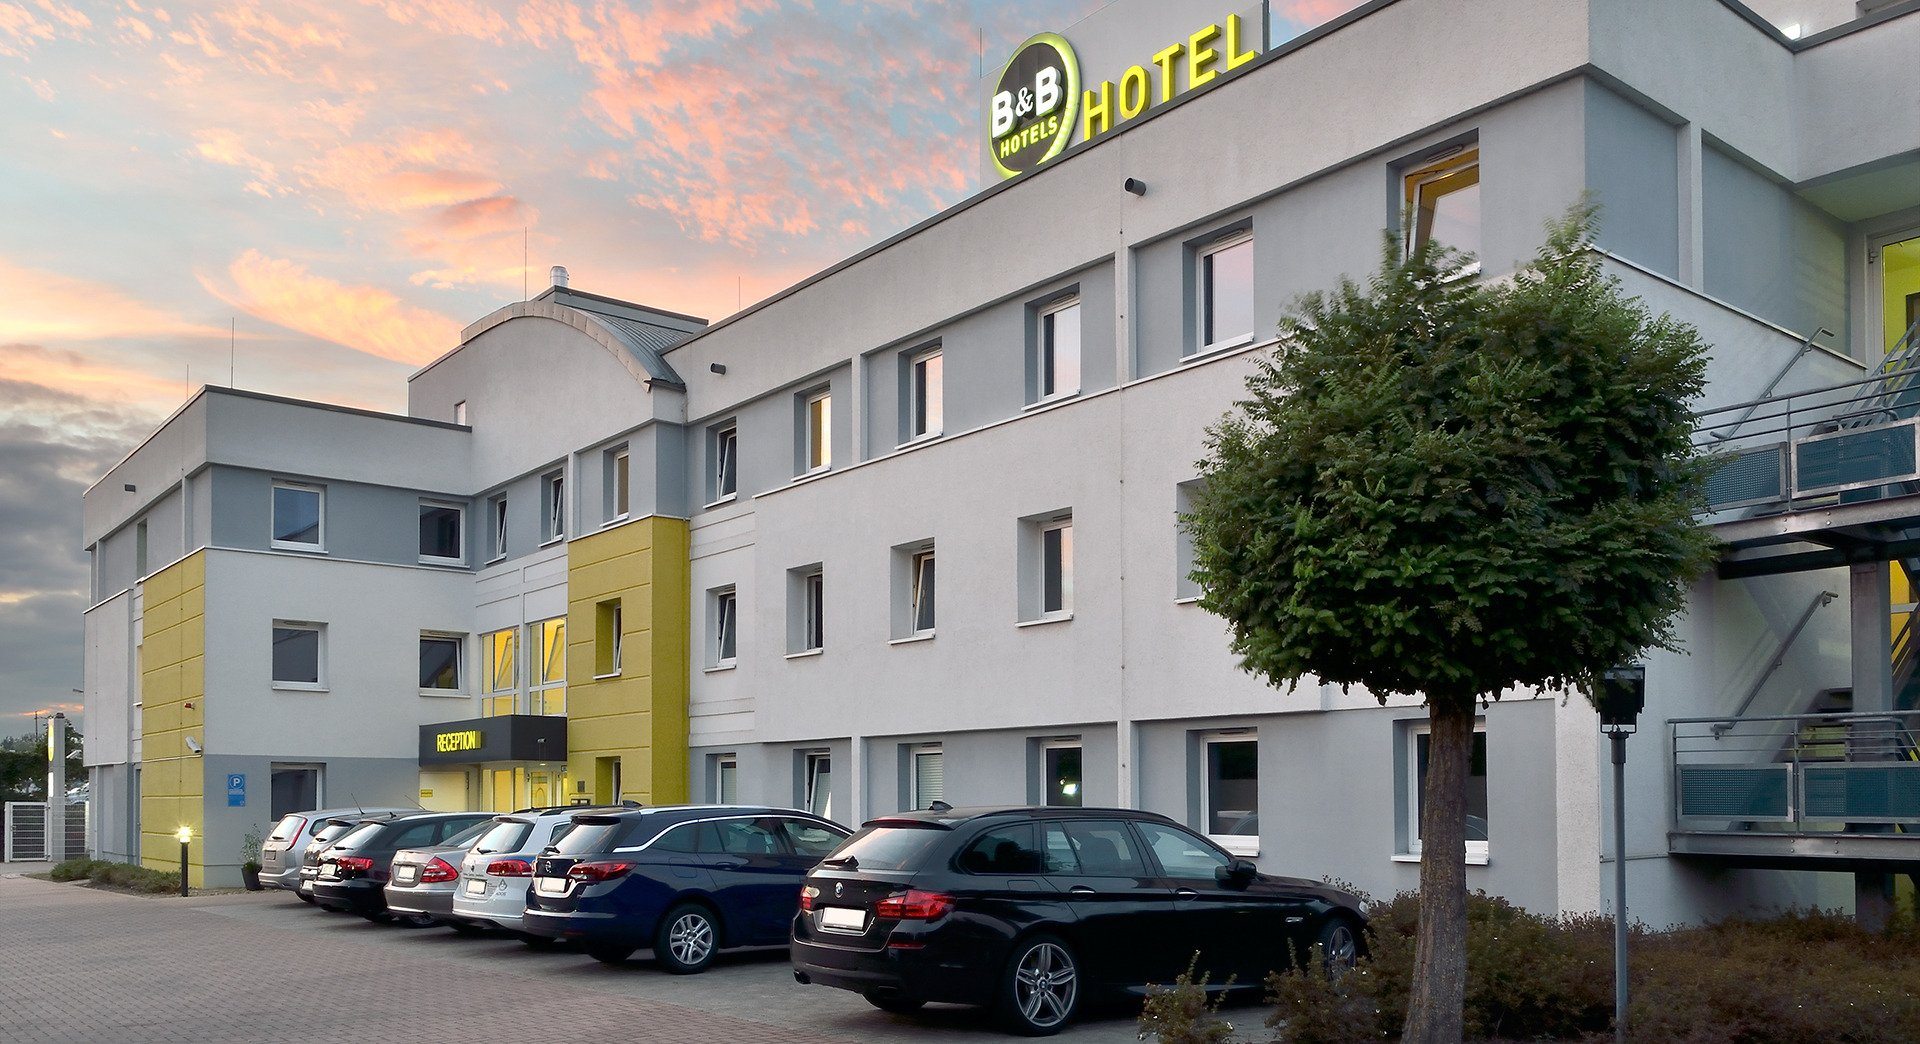 B&B Hotel Braunschweig-Nord